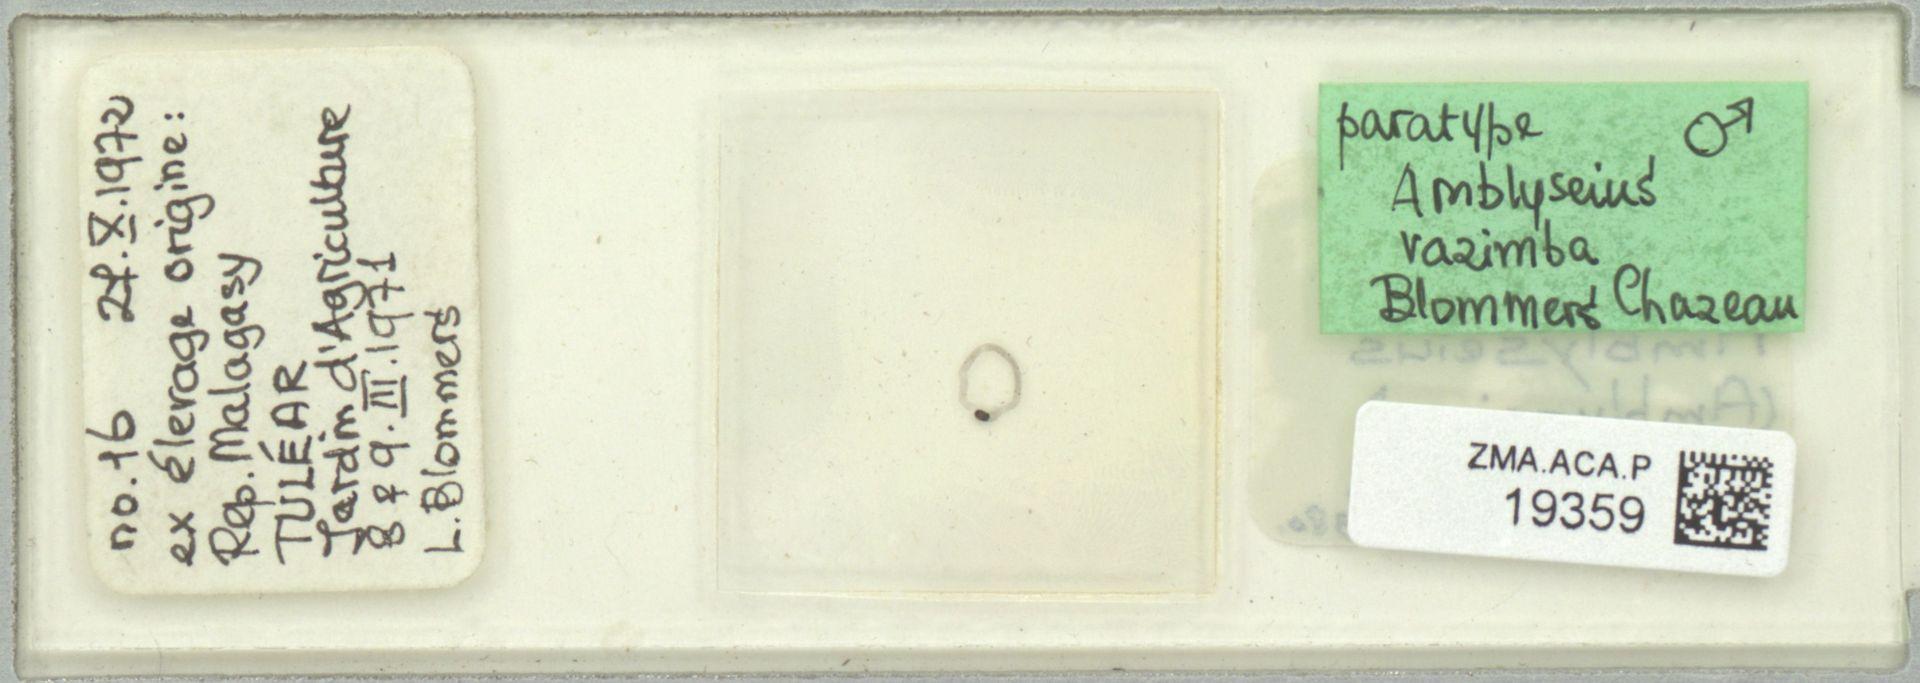 ZMA.ACA.P.19359 | Amblyseius razimba Blommers & Chazeau